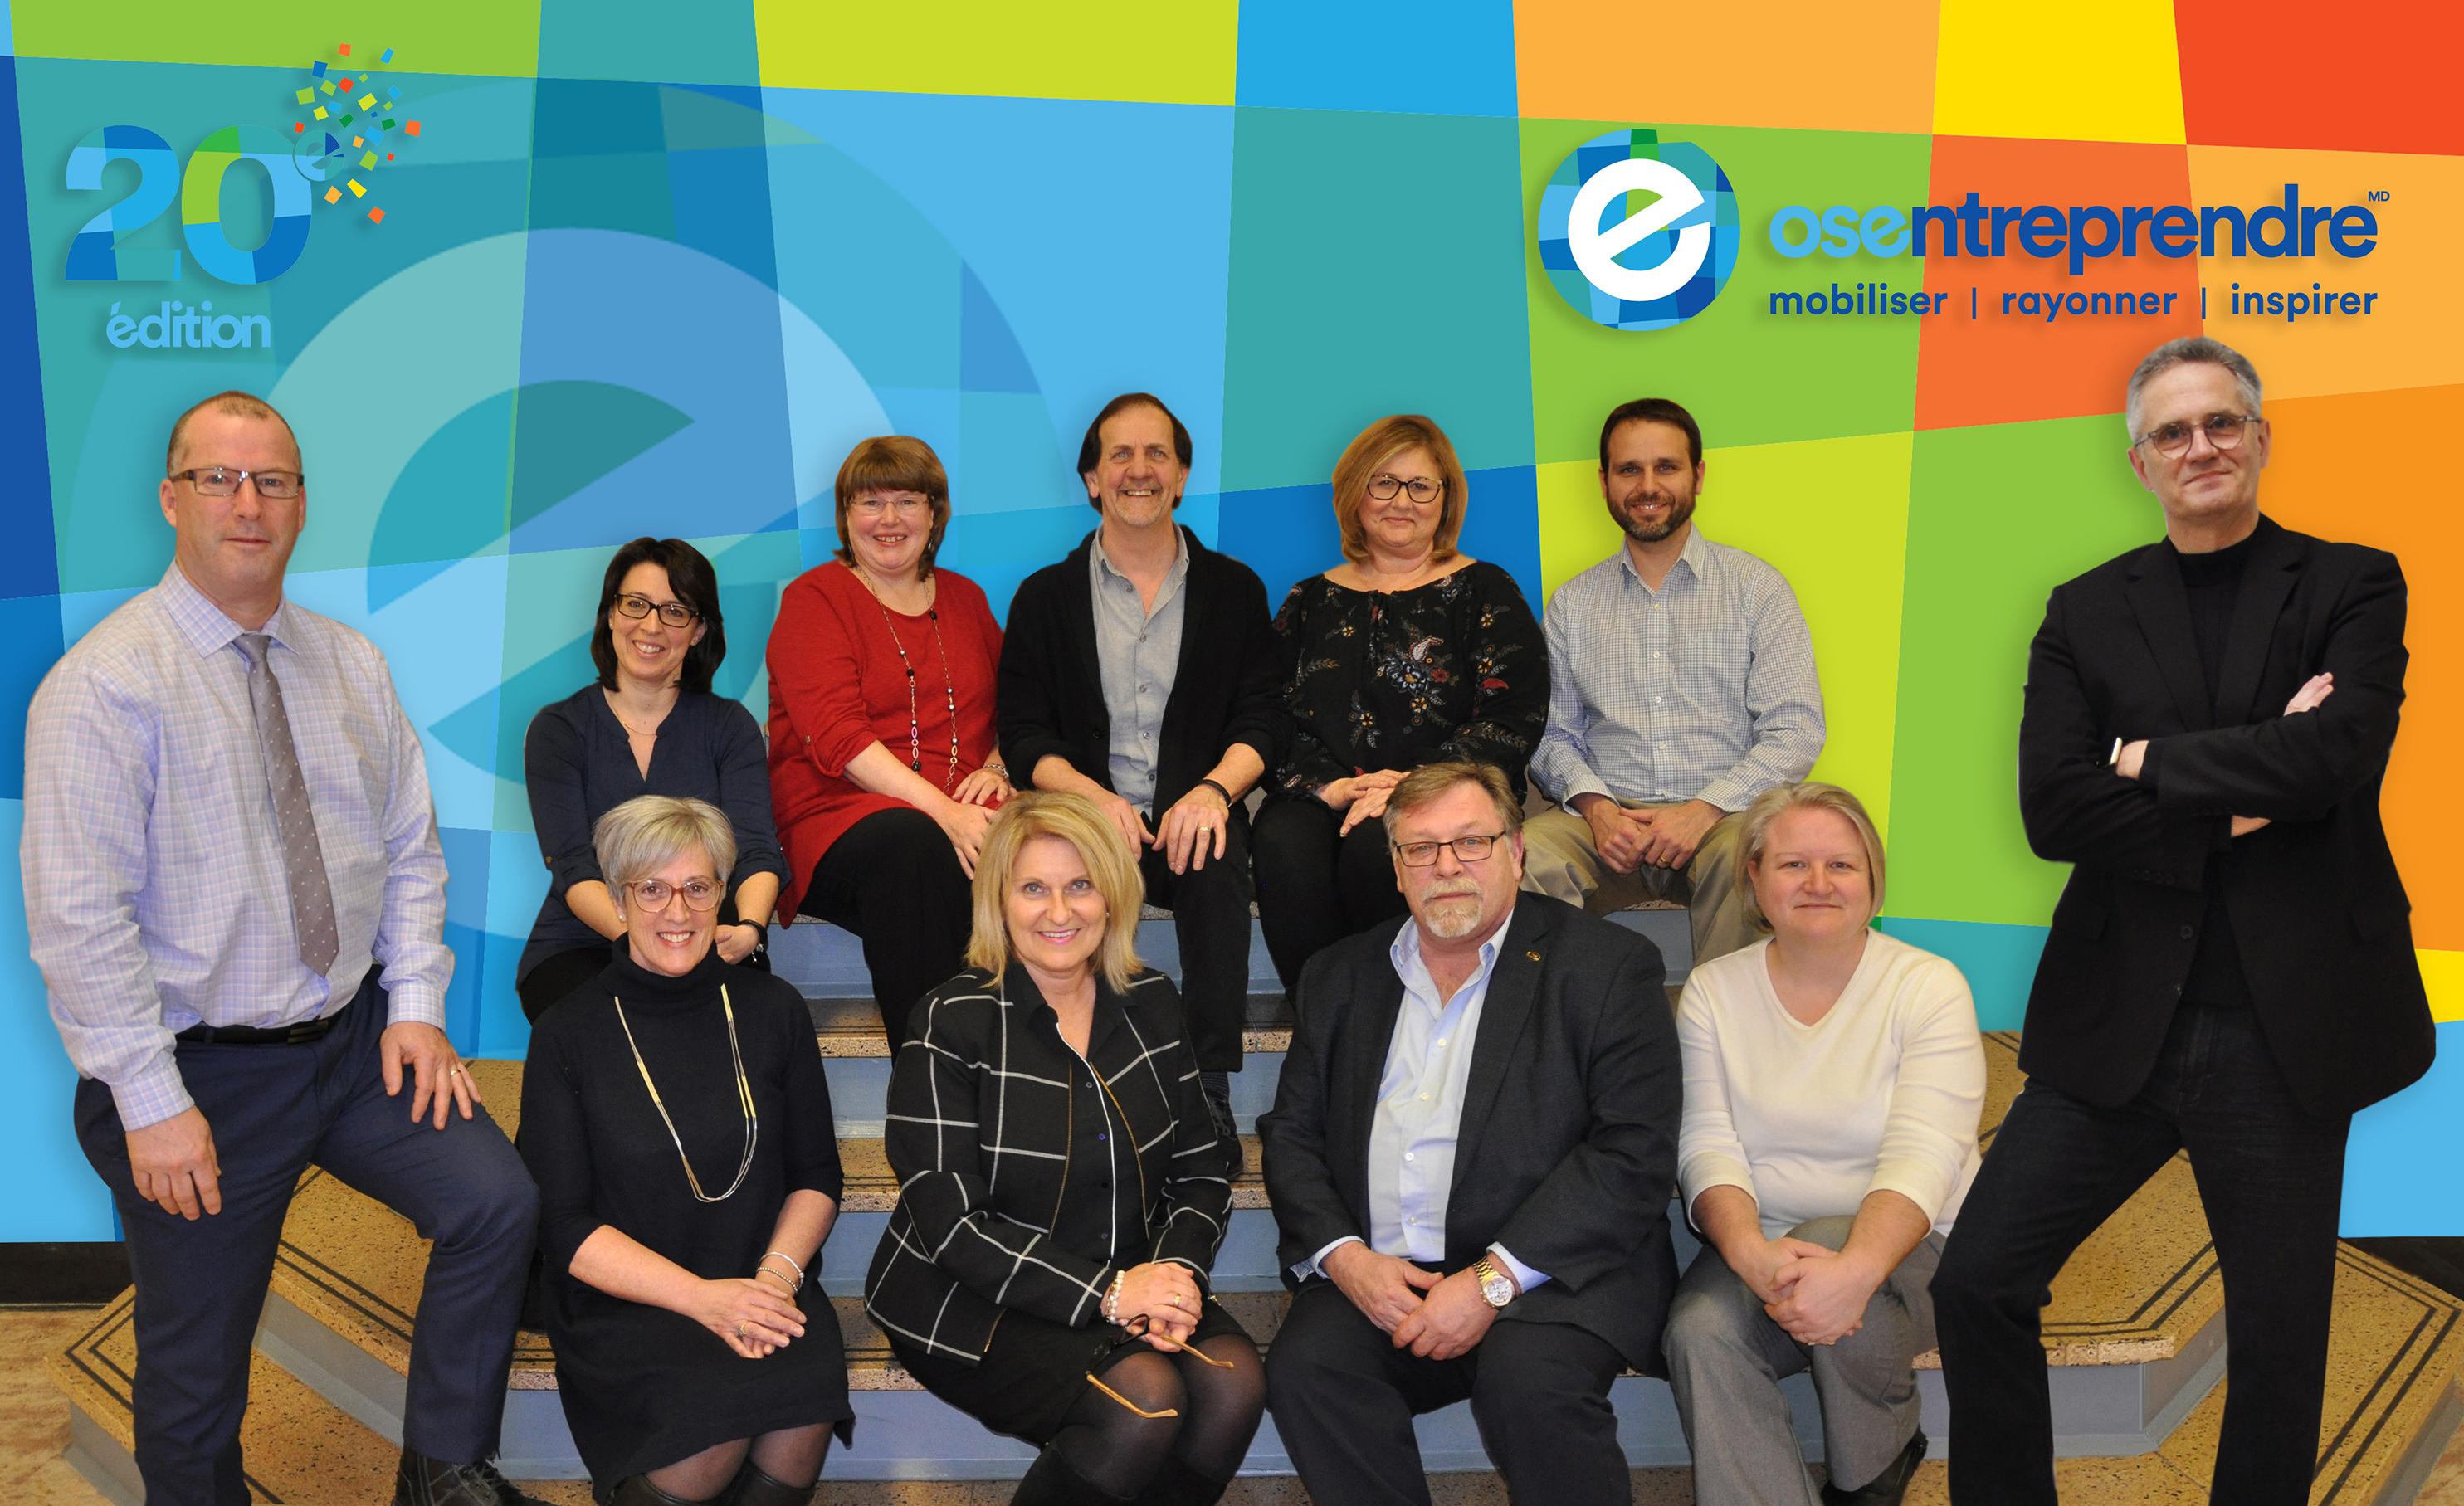 20e édition du Concours québécois en entrepreneuriat. Pour une communauté unie, fière et engagée!